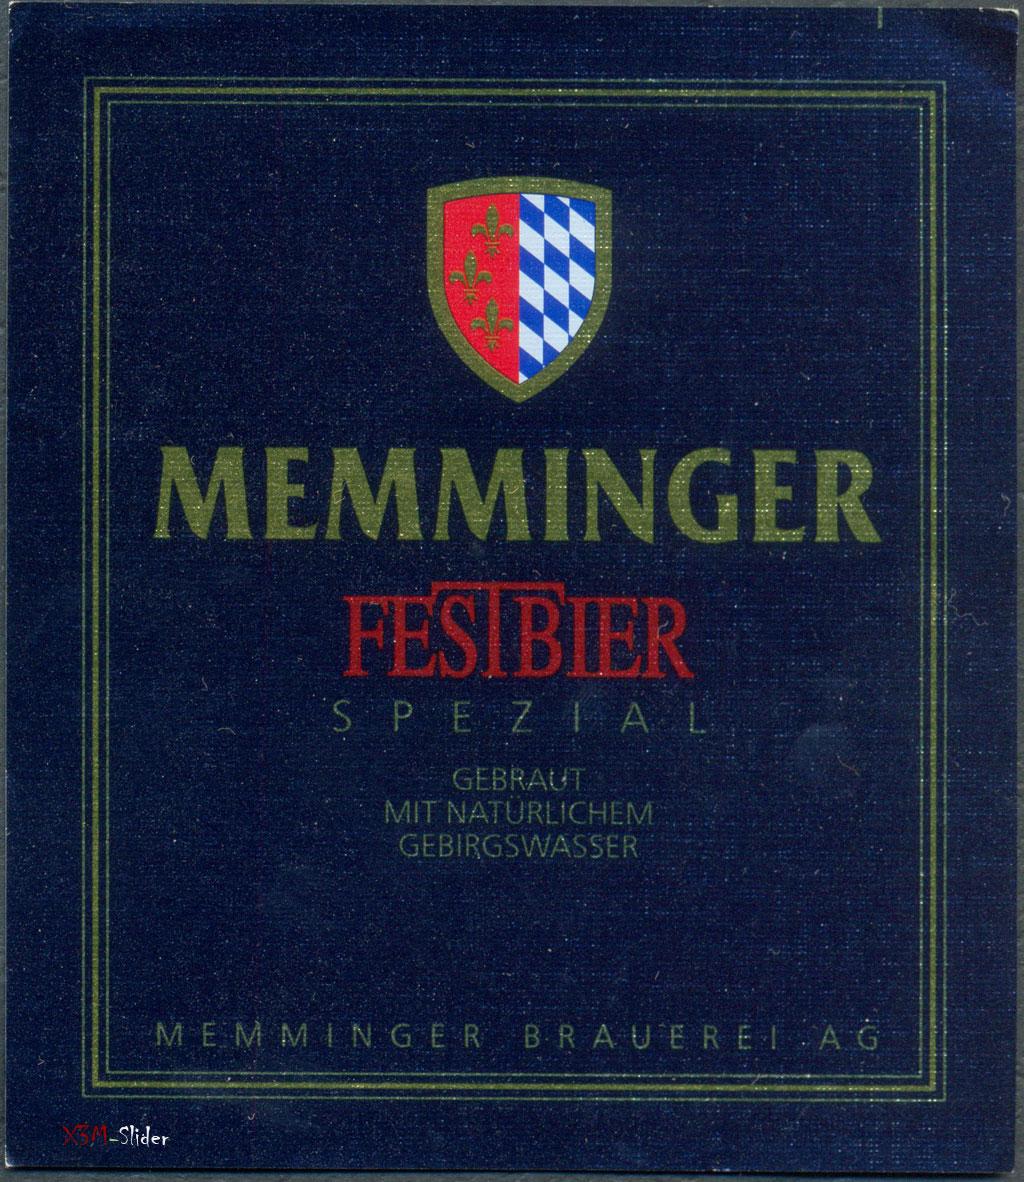 Memminger Festbier - Spezial - Memminger Brauerei